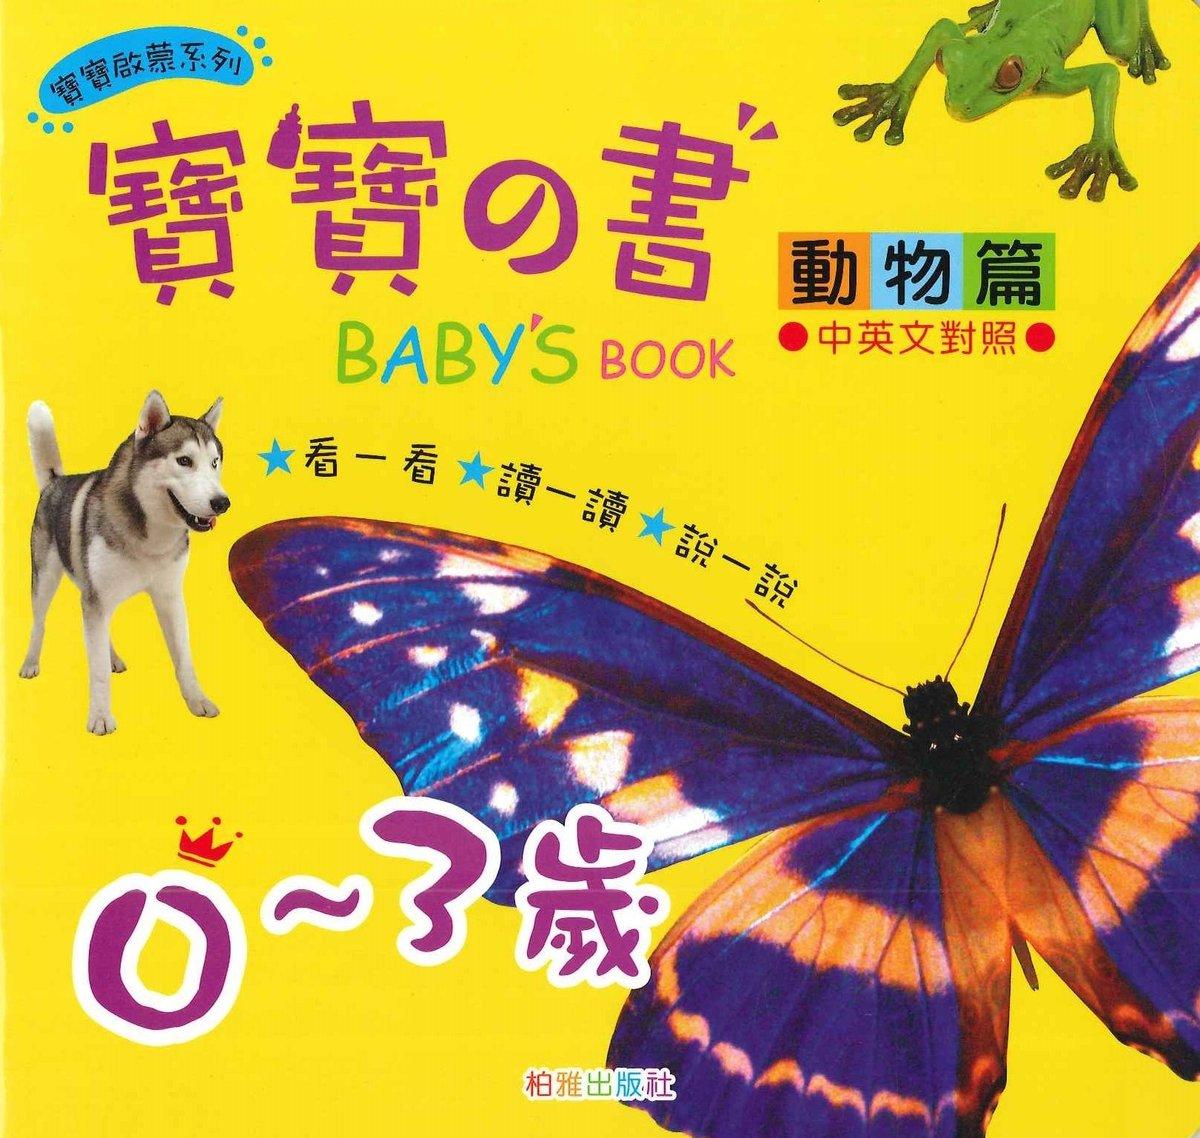 寶寶之書 - 動物篇